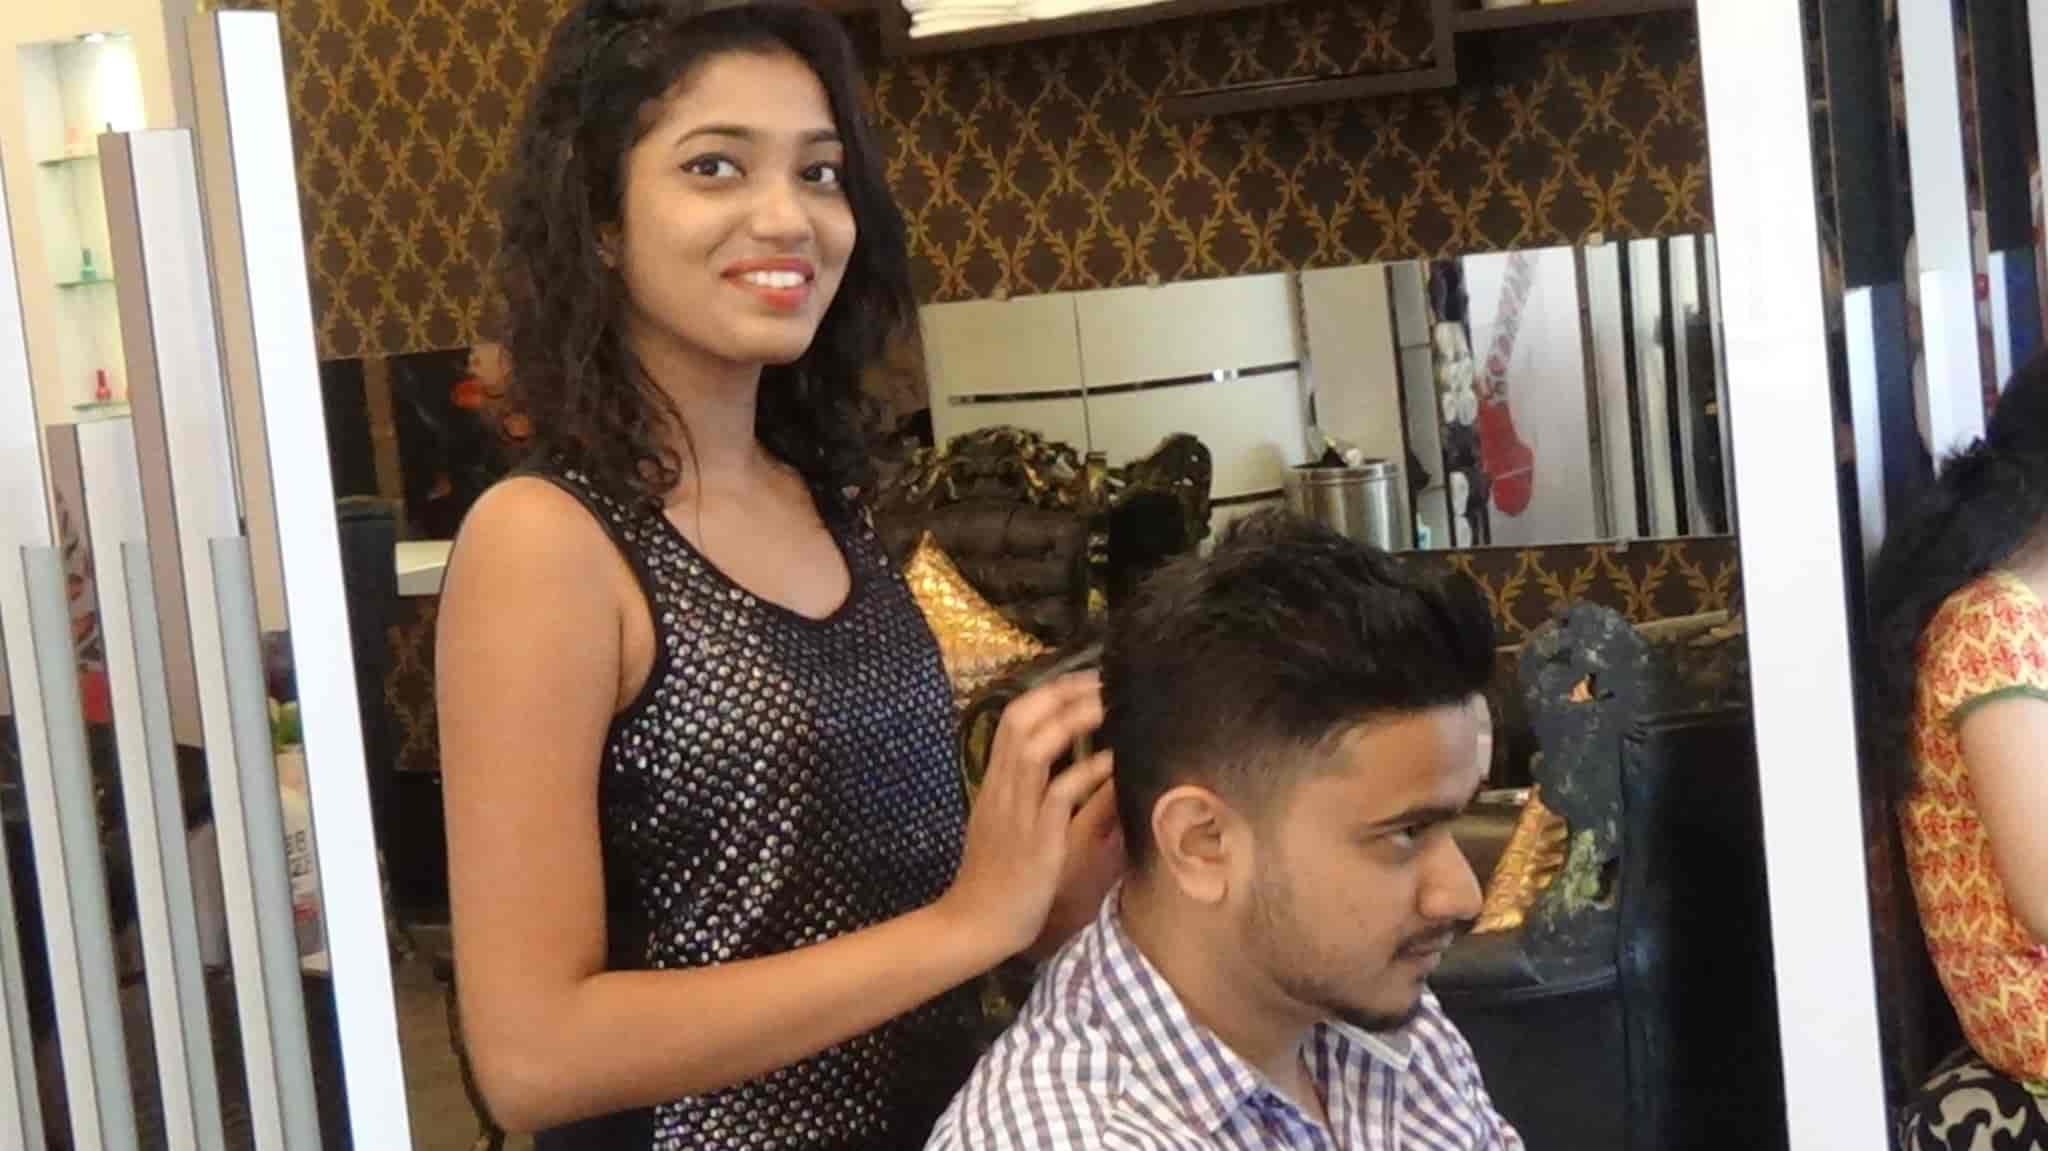 Renee' Melek Salon - Mumbai, Maharashtra | Facebook